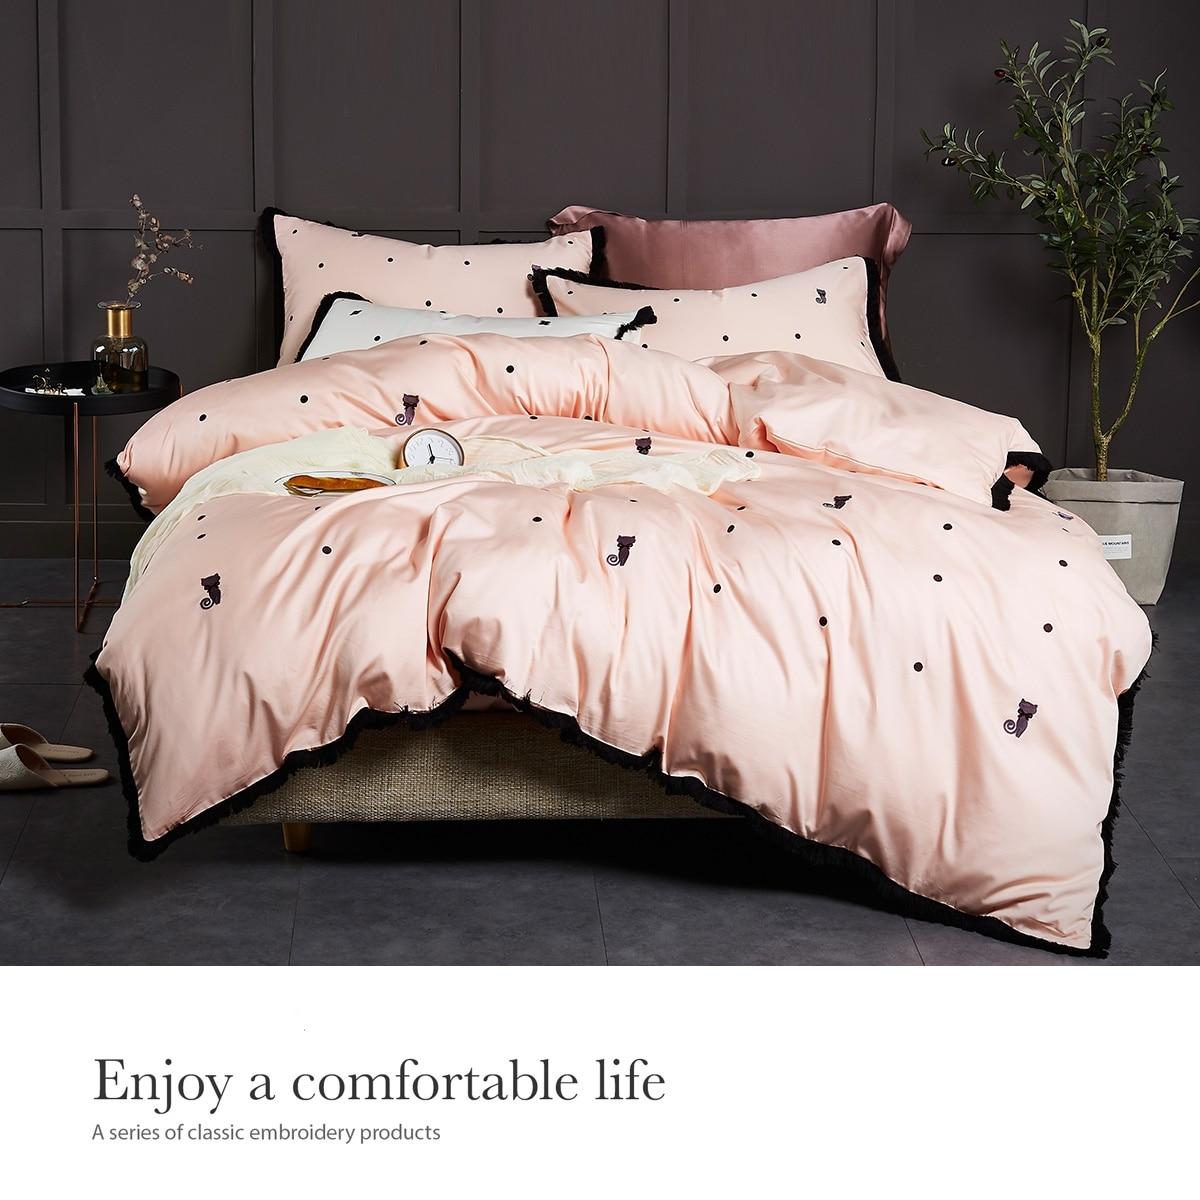 HS Комплект постельного белья из египетского хлопка с вышивкой модный Кот 4 шт. Комплект постельного белья s King queen размер простыня набор подо